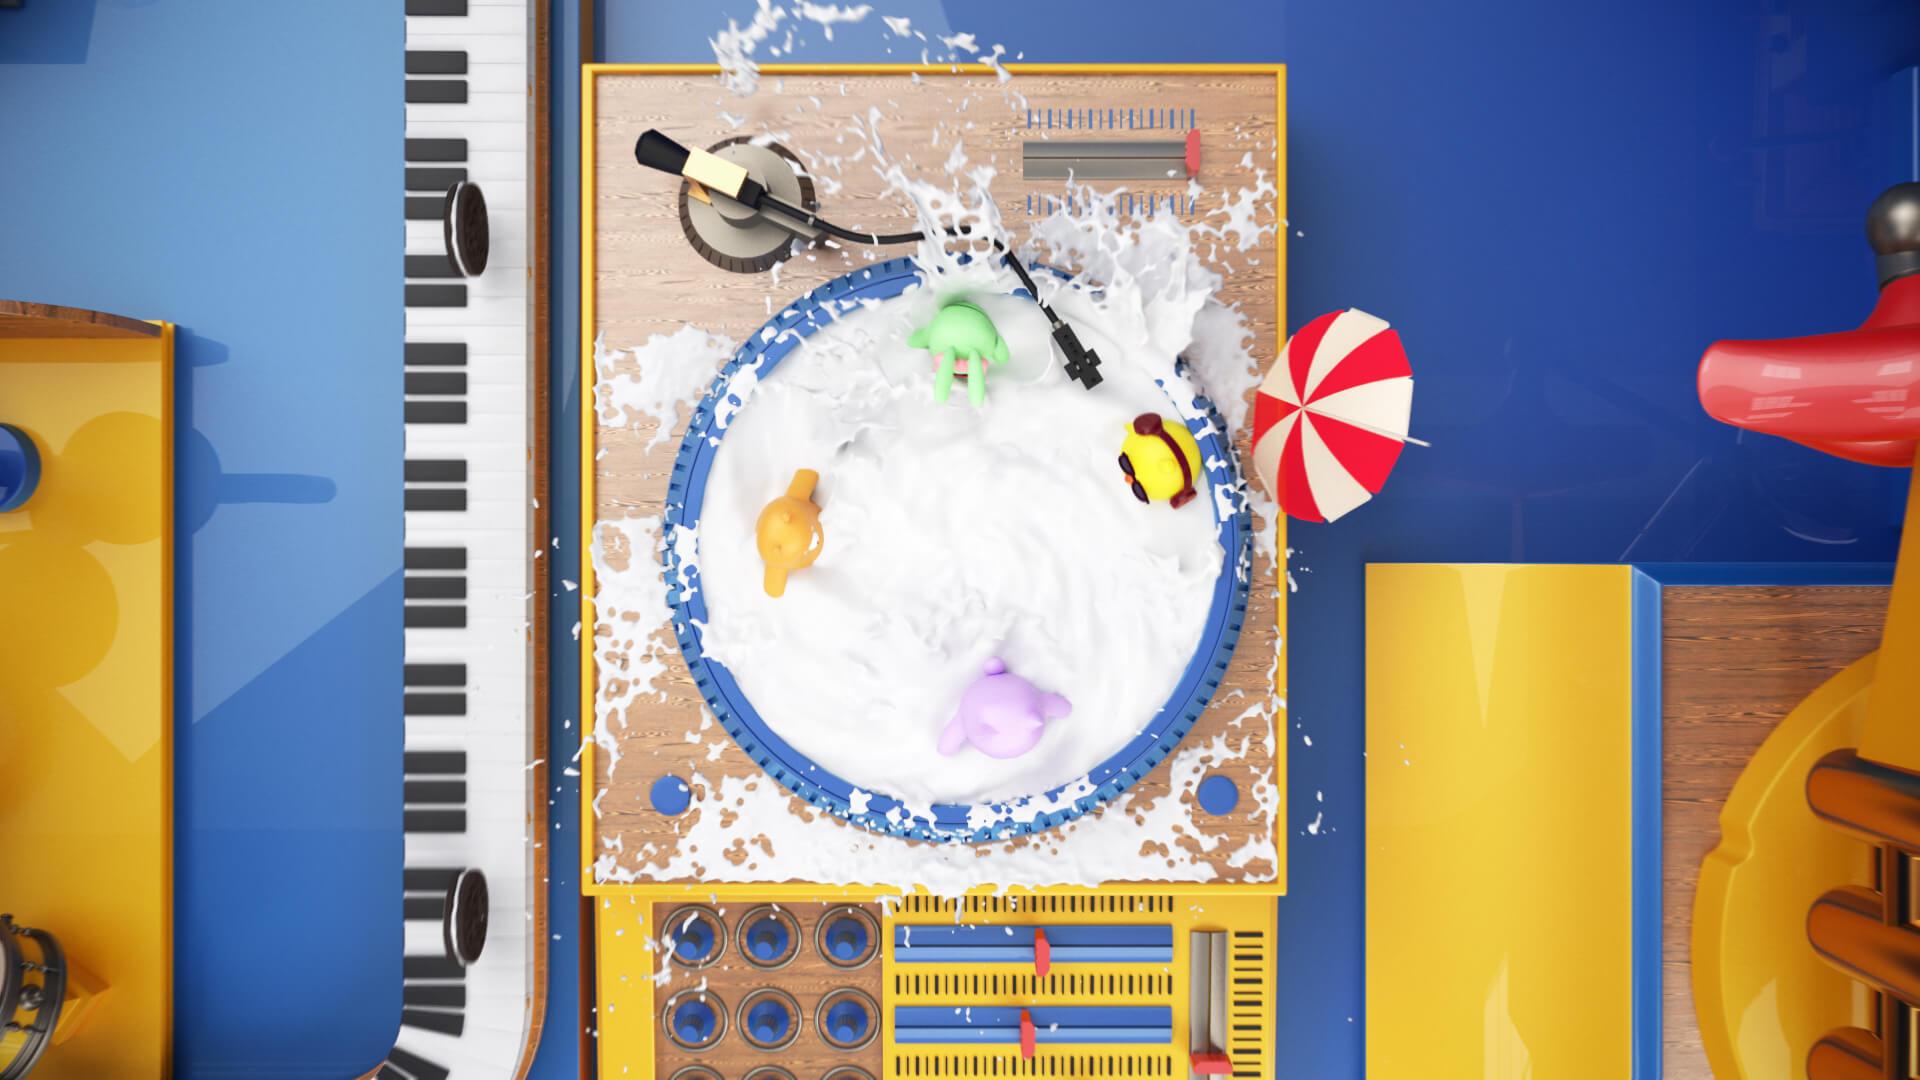 天天爱消除x奥利奥:看萌物们如何玩转奥利奥音乐工厂